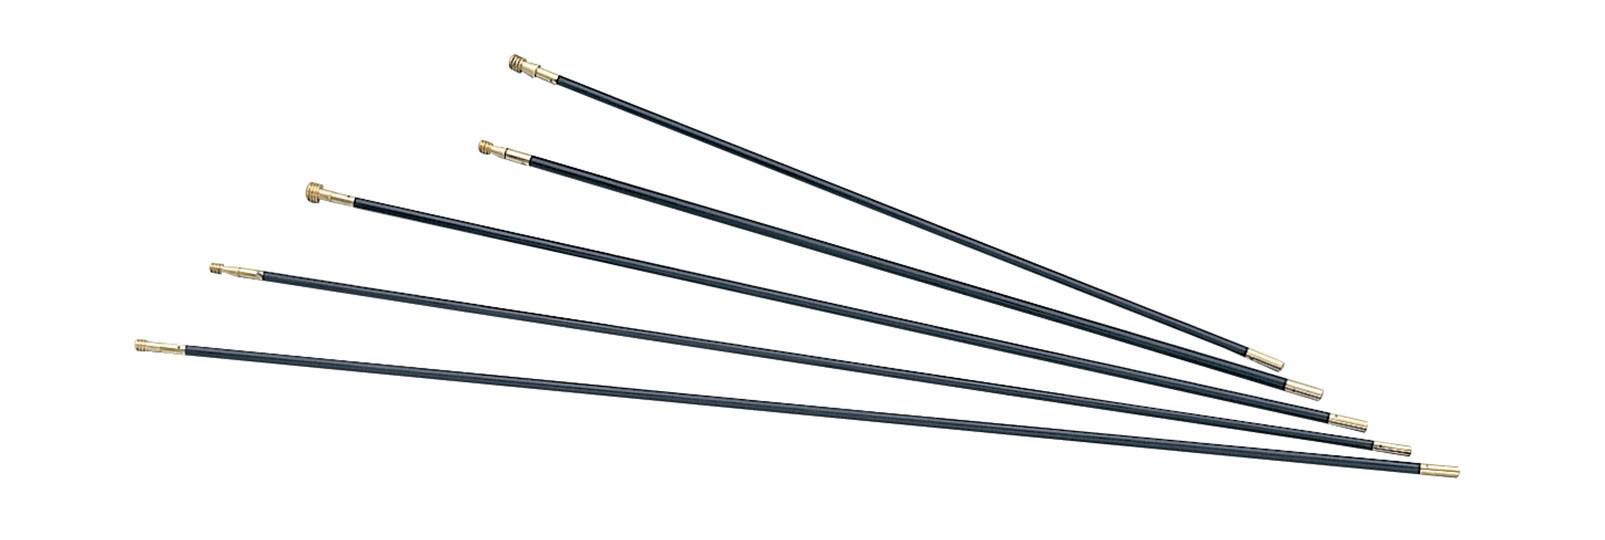 Bacchetta in fibra per armi ad avancarica 9x750 mm